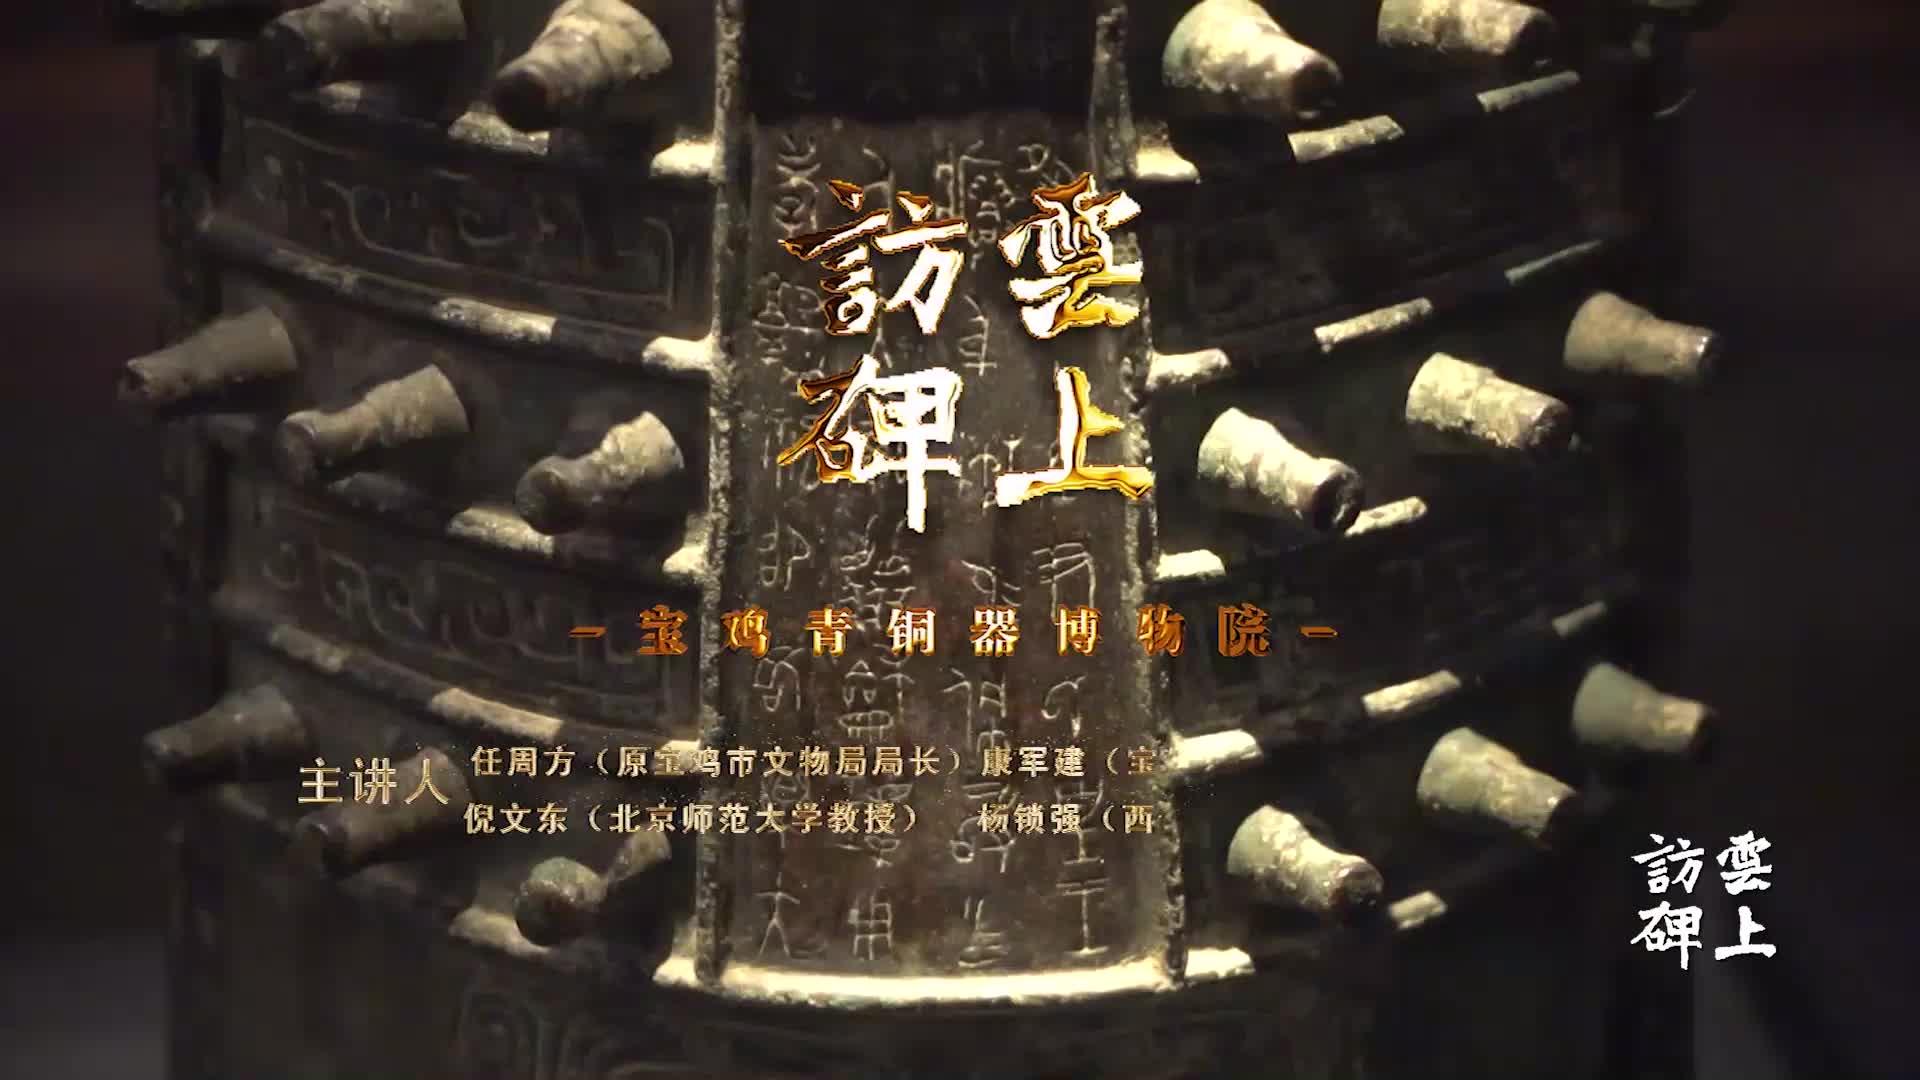 书法记录系列节目访碑云上第1期宝鸡青铜器博物院